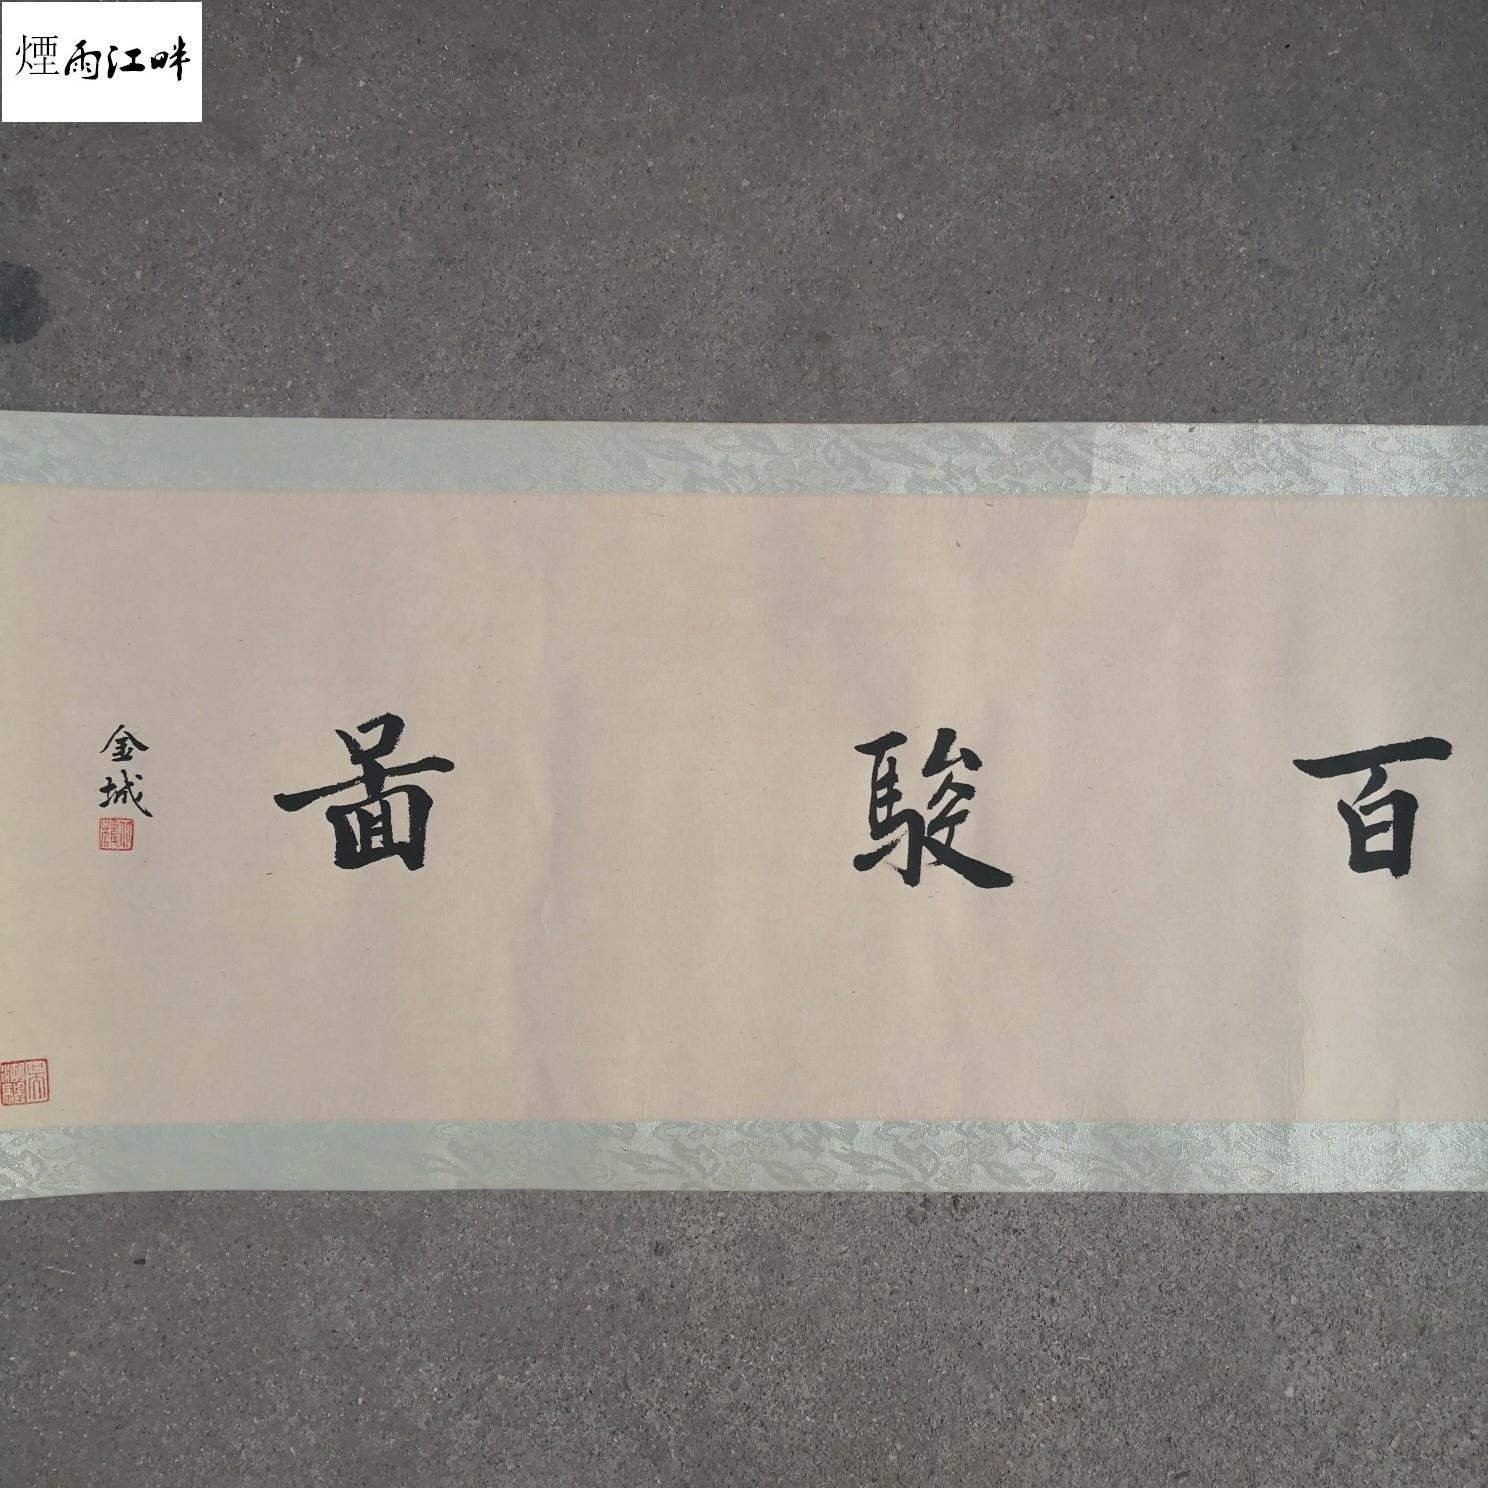 收藏 仿古  文玩古玩 老國畫三米小長卷老字精美 精緻畫卷軸百駿圖手繪宣紙裝飾畫煙雨江畔7927